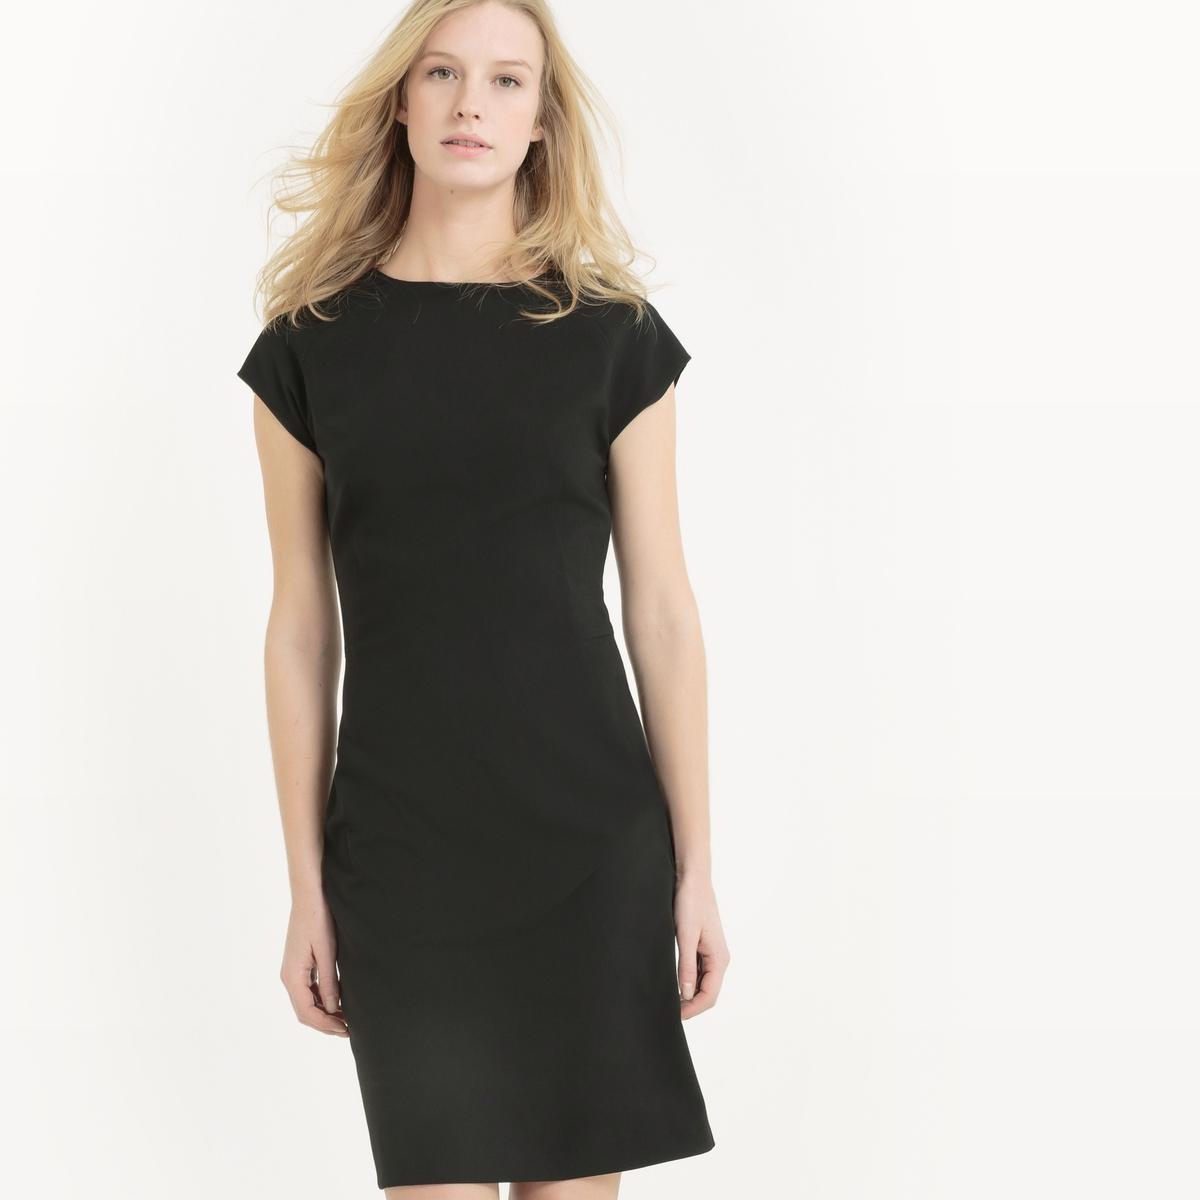 Платье пиджачного кроя с короткими рукавамиПлатье-костюм. короткие рукава. Круглый вырез. Вырез-капелька сзади. Скрытая застежка на молнию.                        Состав и описание                                          Материал: 64% полиэстера, 32% вискозы, 4% эластана                   Длина: 95 см.                                          Уход                   Машинная стирка при 30 °С в деликатном режиме                   Сухая чистка и отбеливание запрещены                   Машинная сушка запрещена                   Гладить при низкой температуре<br><br>Цвет: серый меланж,синий морской,черный<br>Размер: 50 (FR) - 56 (RUS).46 (FR) - 52 (RUS).40 (FR) - 46 (RUS).40 (FR) - 46 (RUS).36 (FR) - 42 (RUS)